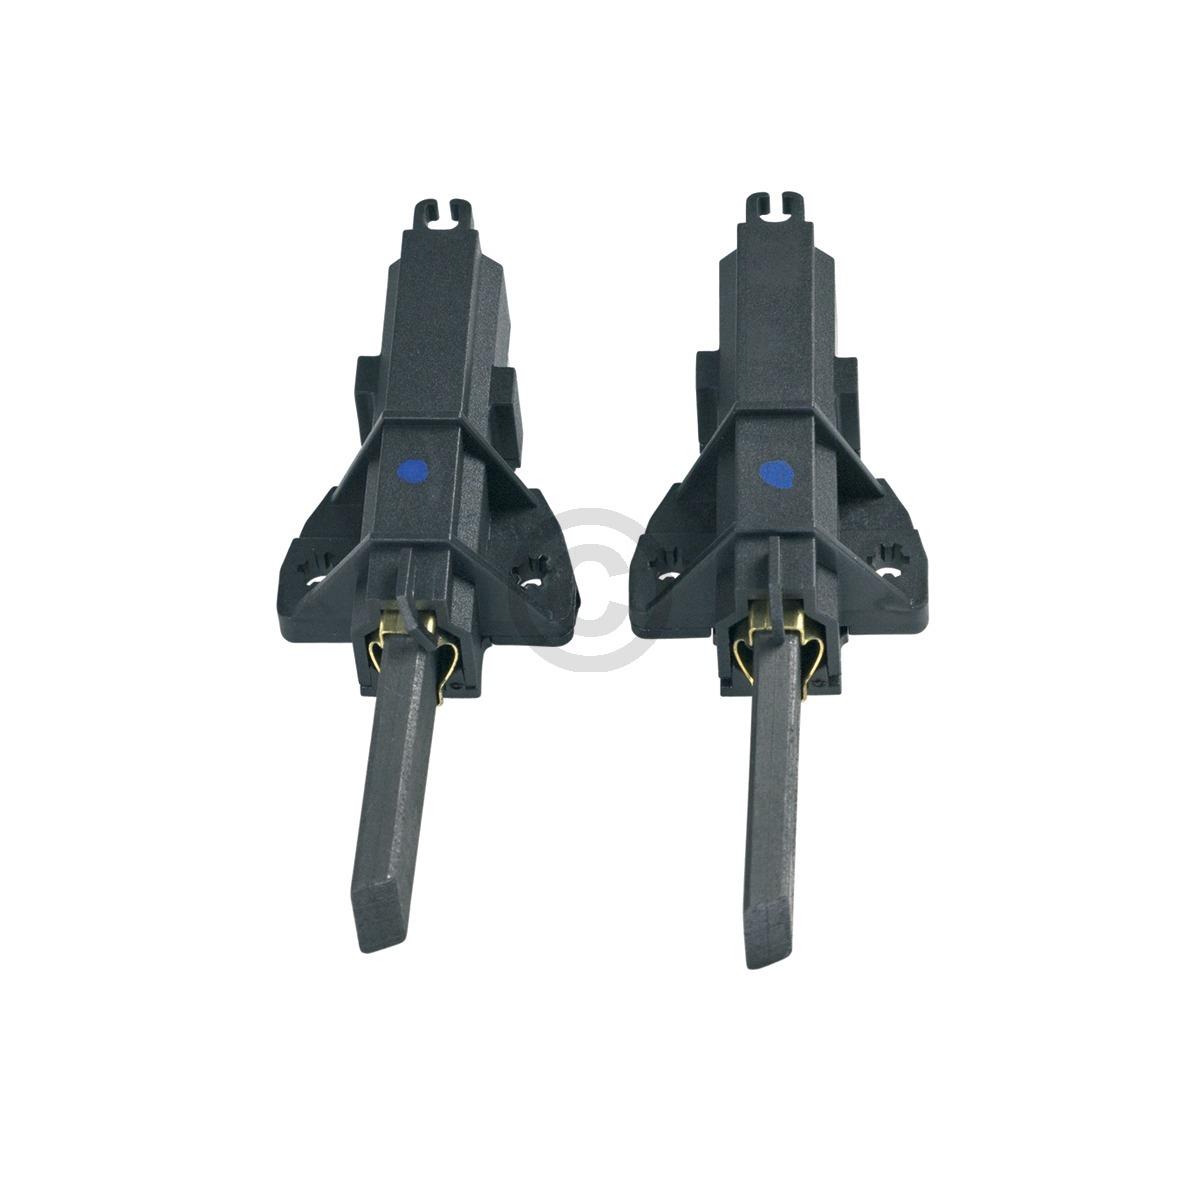 Kohlen kpl. mit Halter 4,8mmAMP, AT! 00151614 151614 Bauknecht, Whirlpool, Ikea